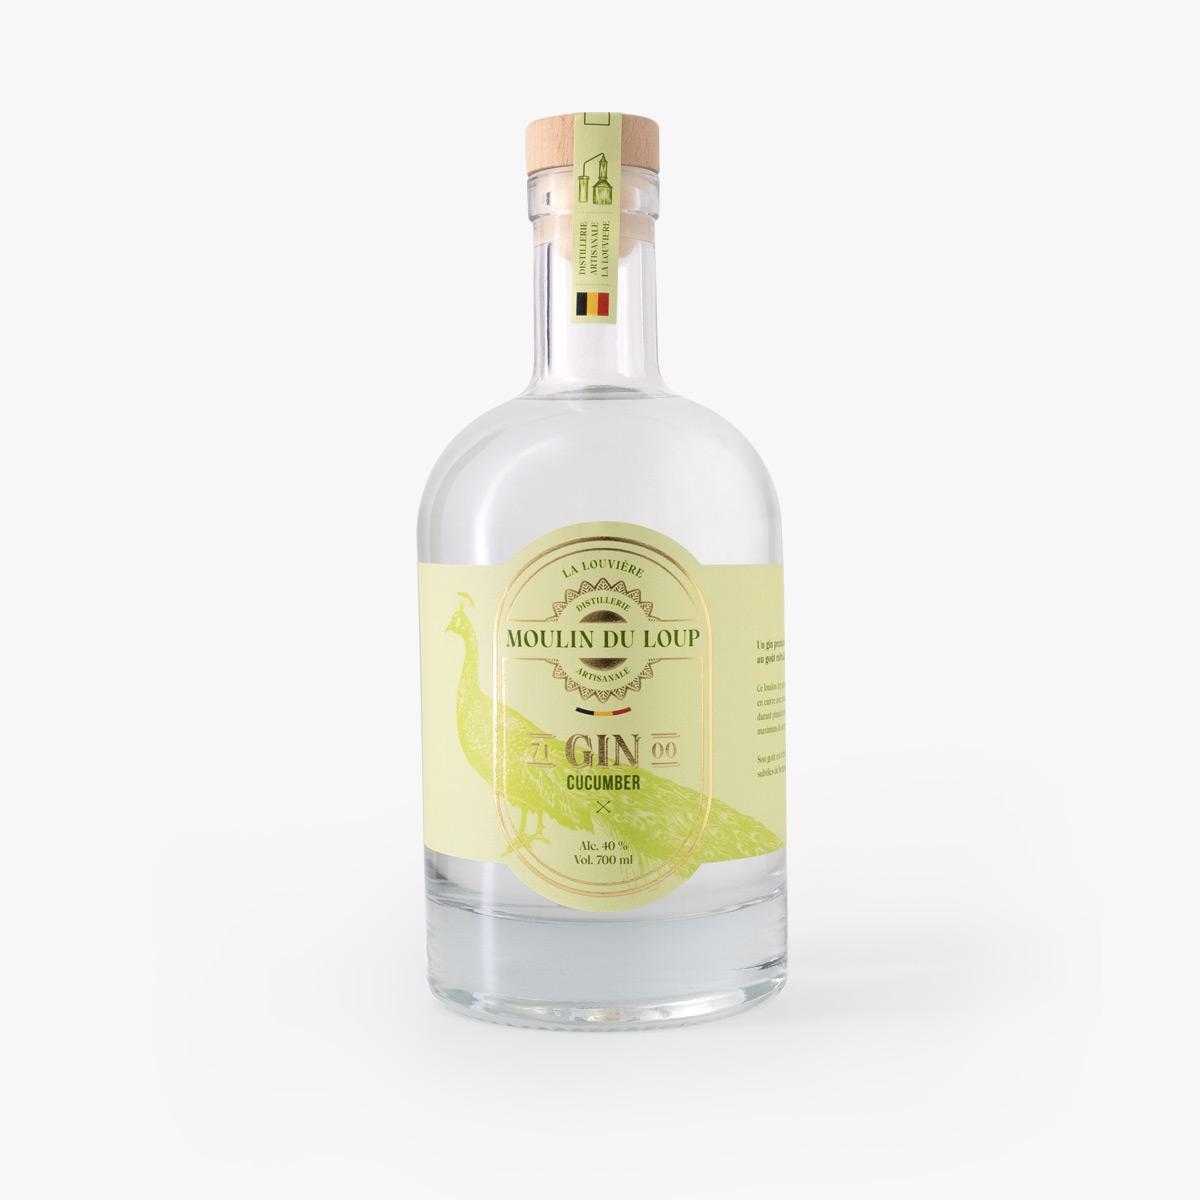 Gin Concombre / Cucumber Gin